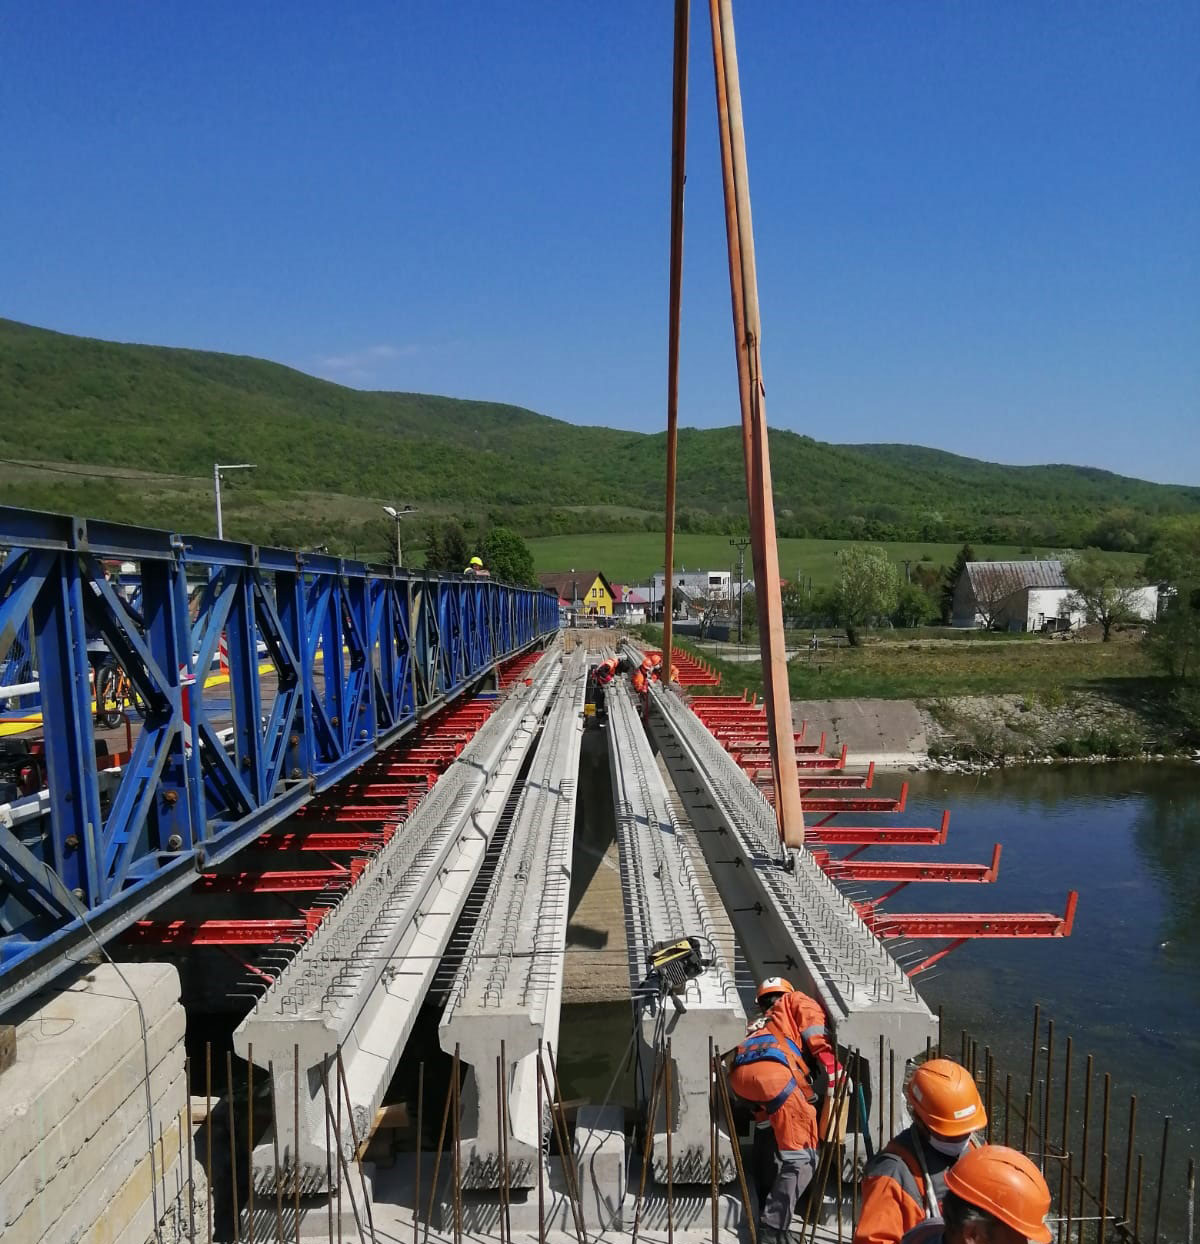 Obr. 4 Nosníky typu M30 pri realizácii rekonštrukcie mosta cez rieku Laborec za obcou Krivošťany